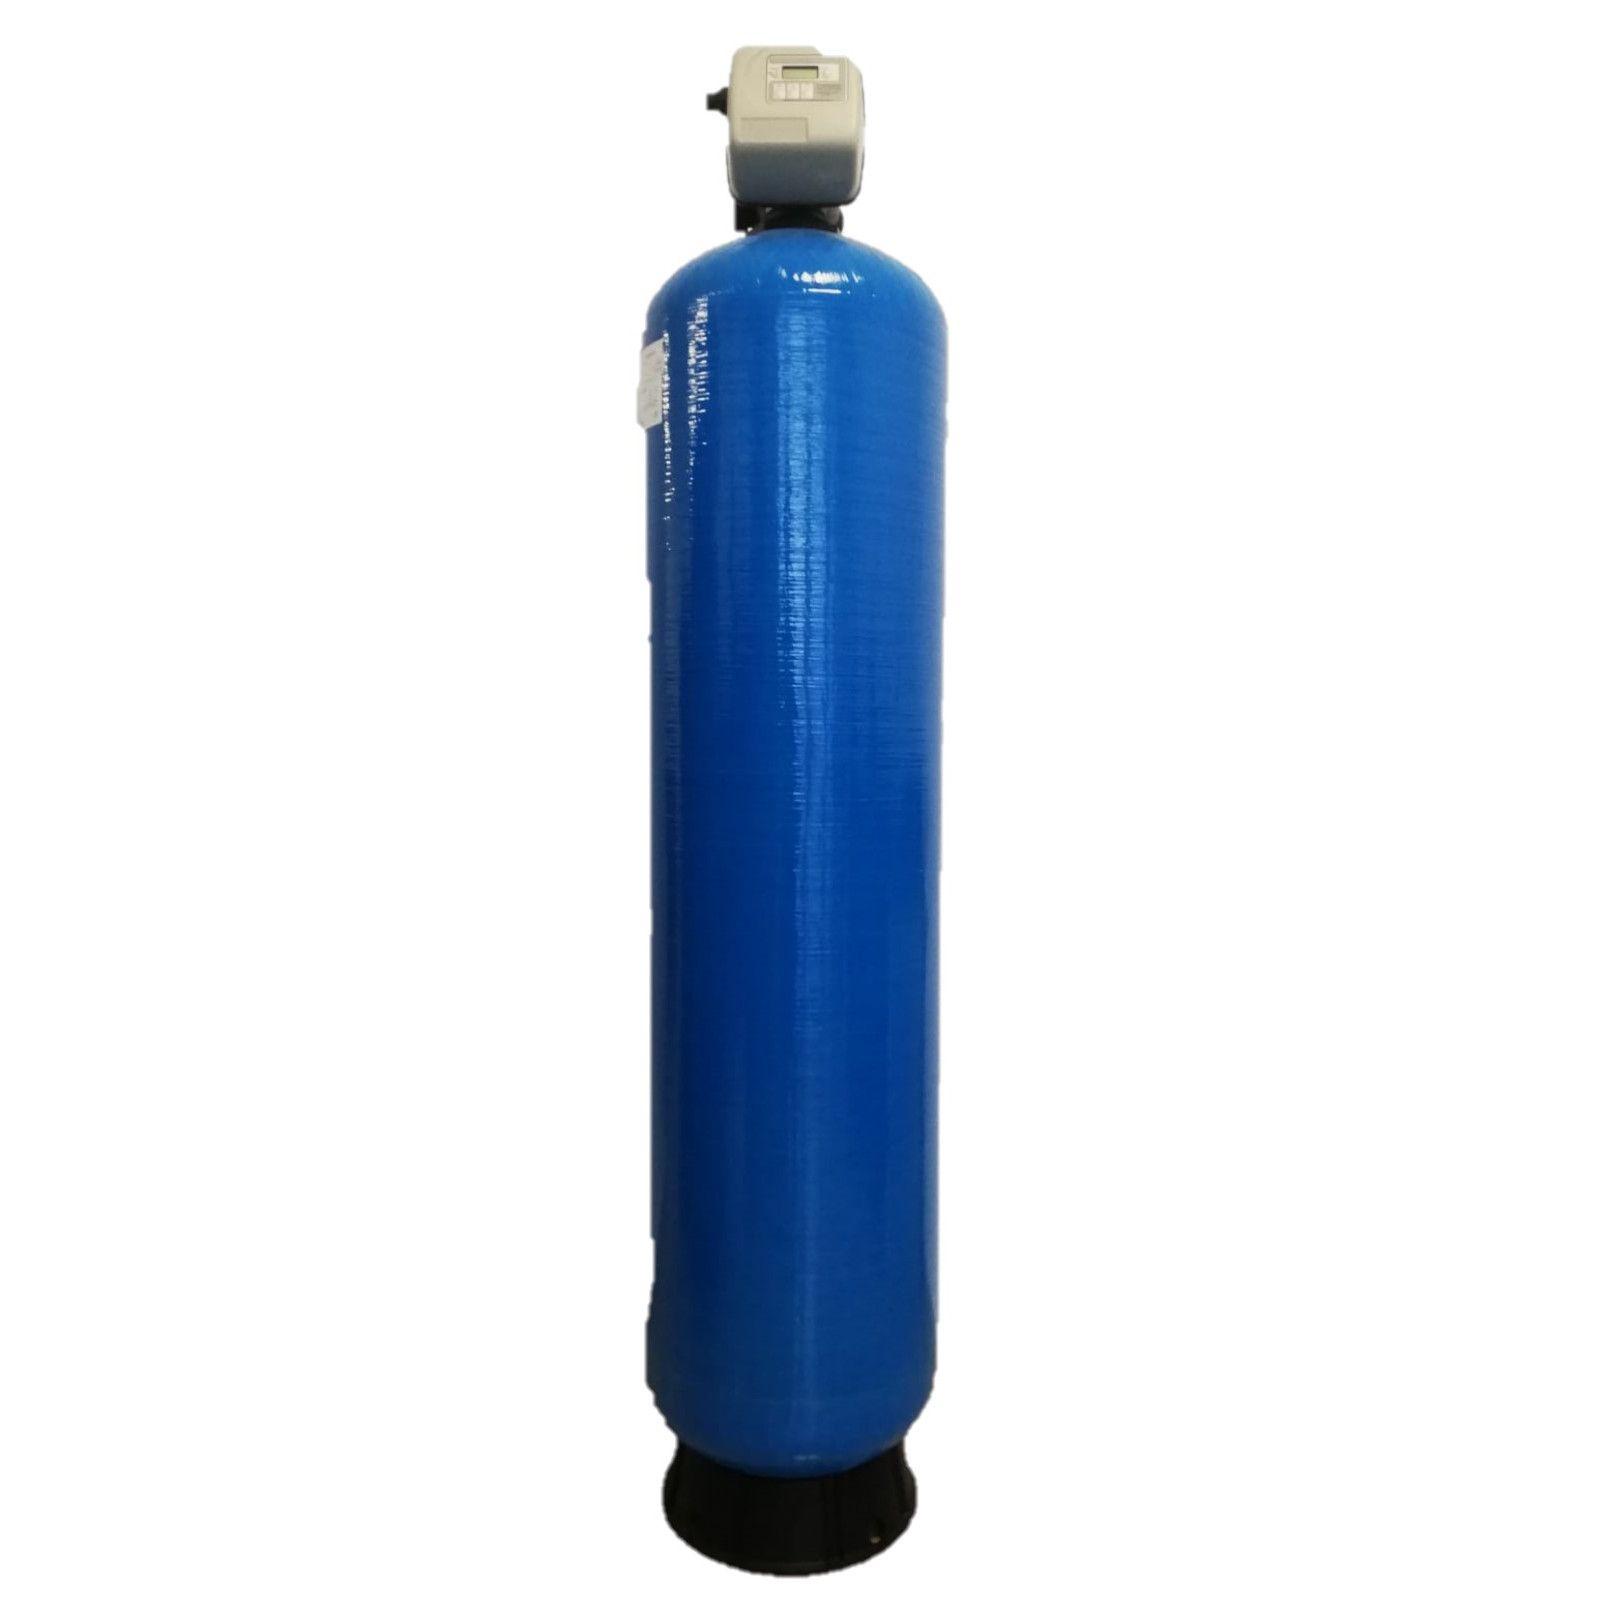 Filtru apa automat cu zeolit Clack SUA TC 150, Debit 6.2 mc/h, Capacitate filtrare 160.000 litri, Cartus din Rasina  - AquaFilters.ro